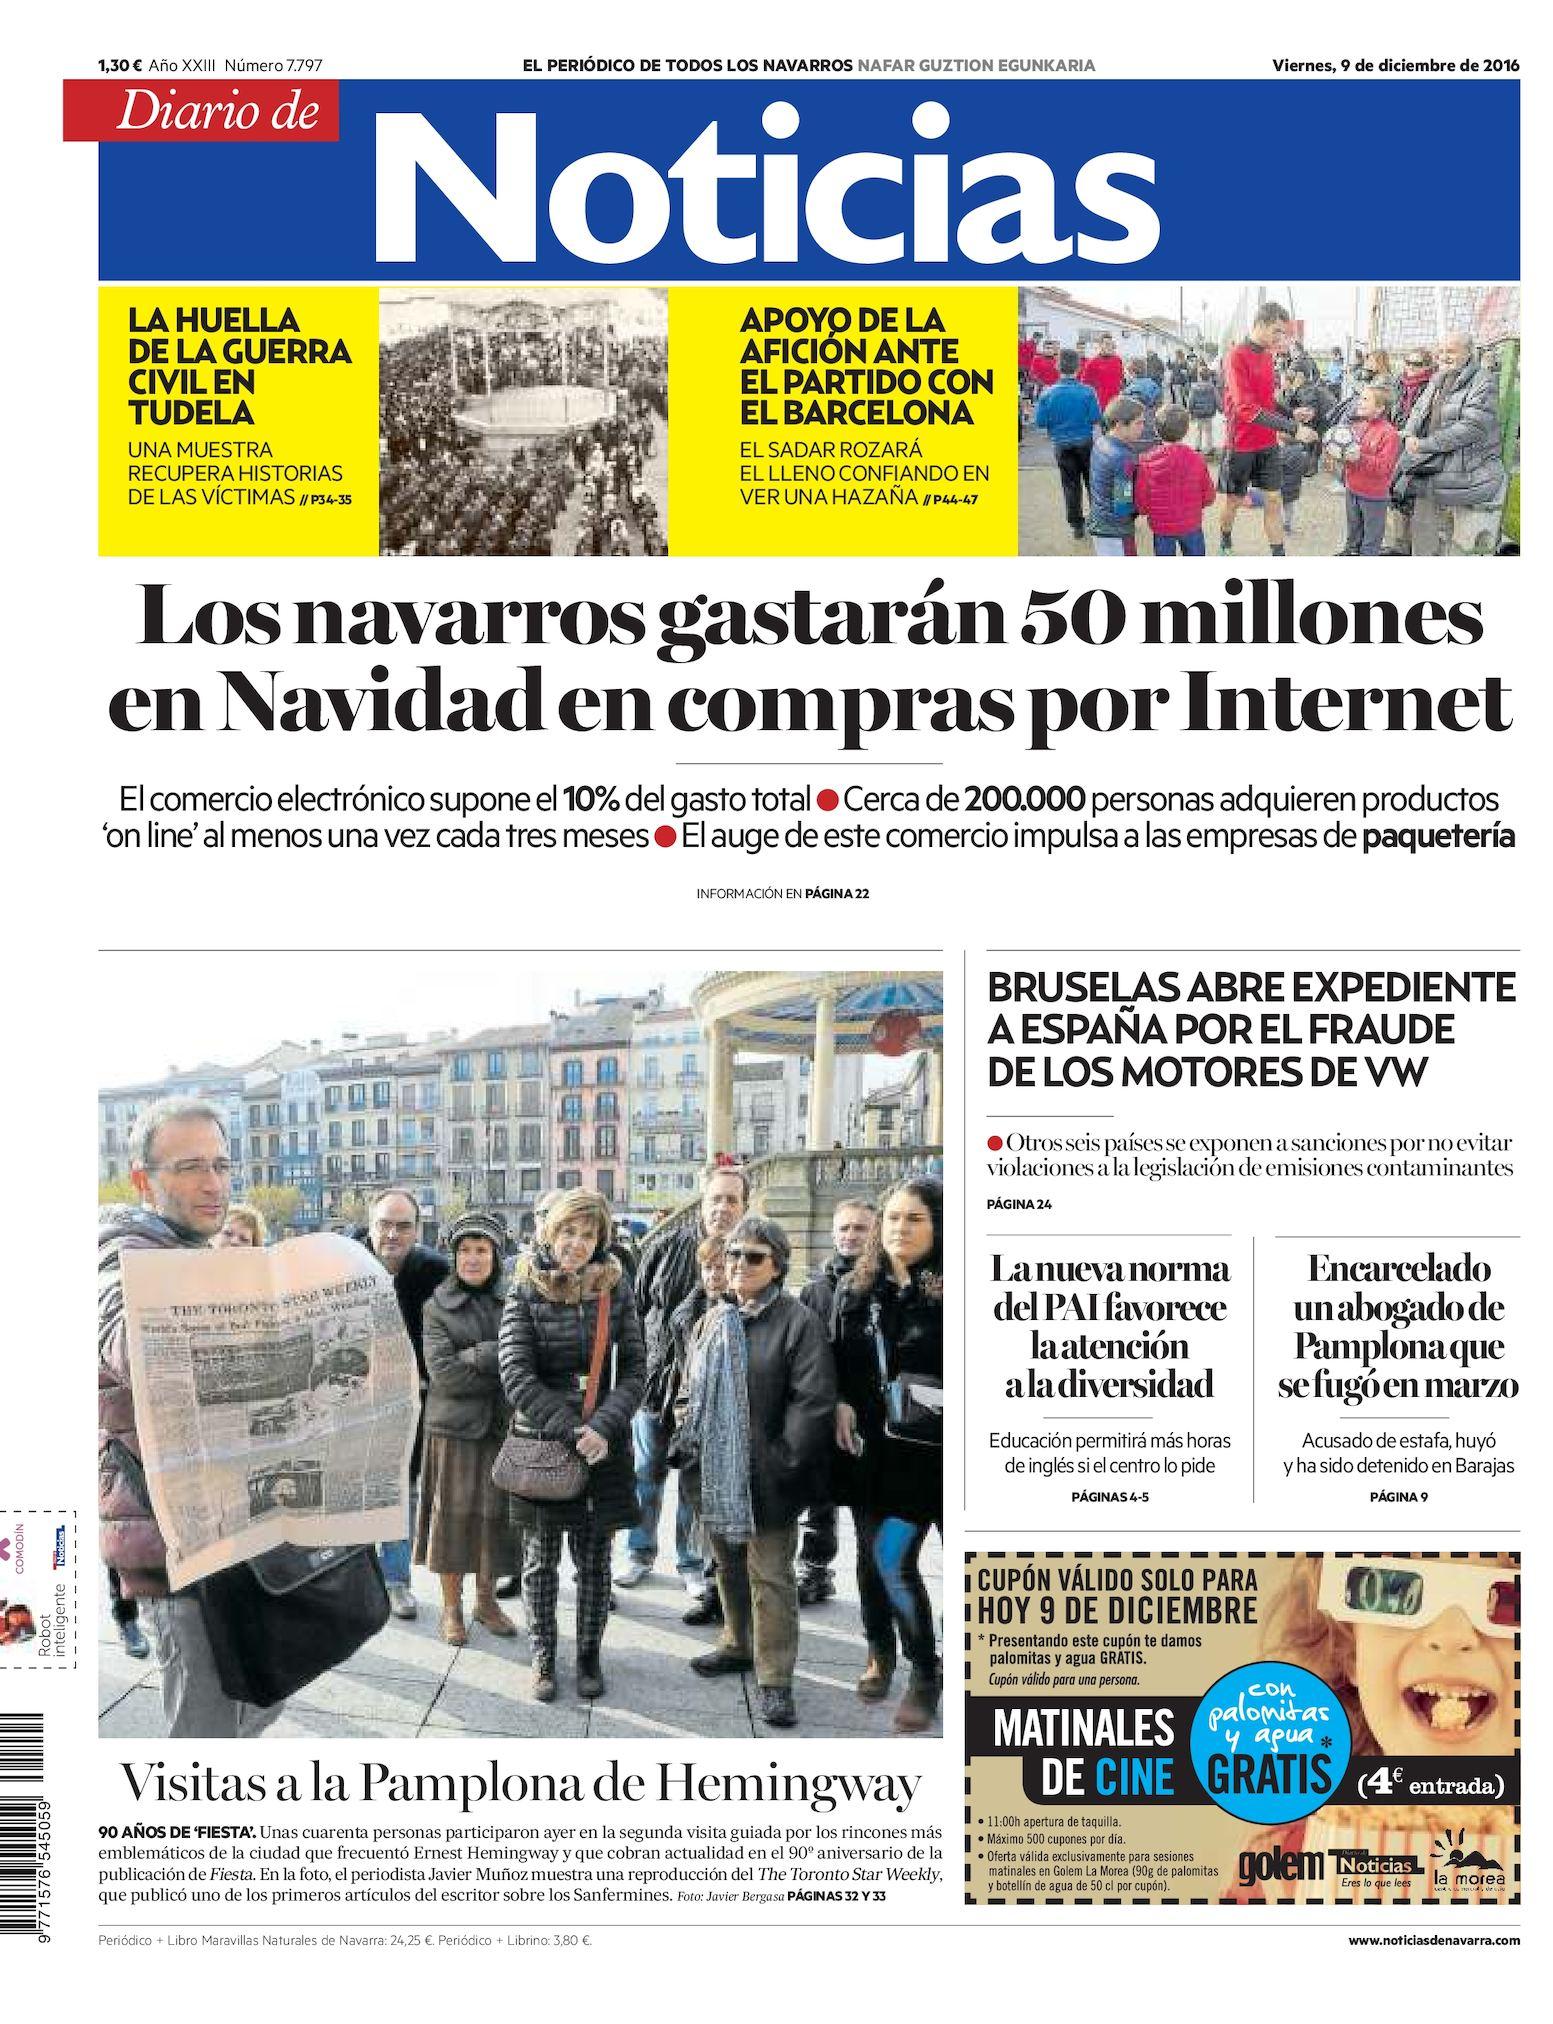 bcd44c04e0 Calaméo - Diario de Noticias 20161209